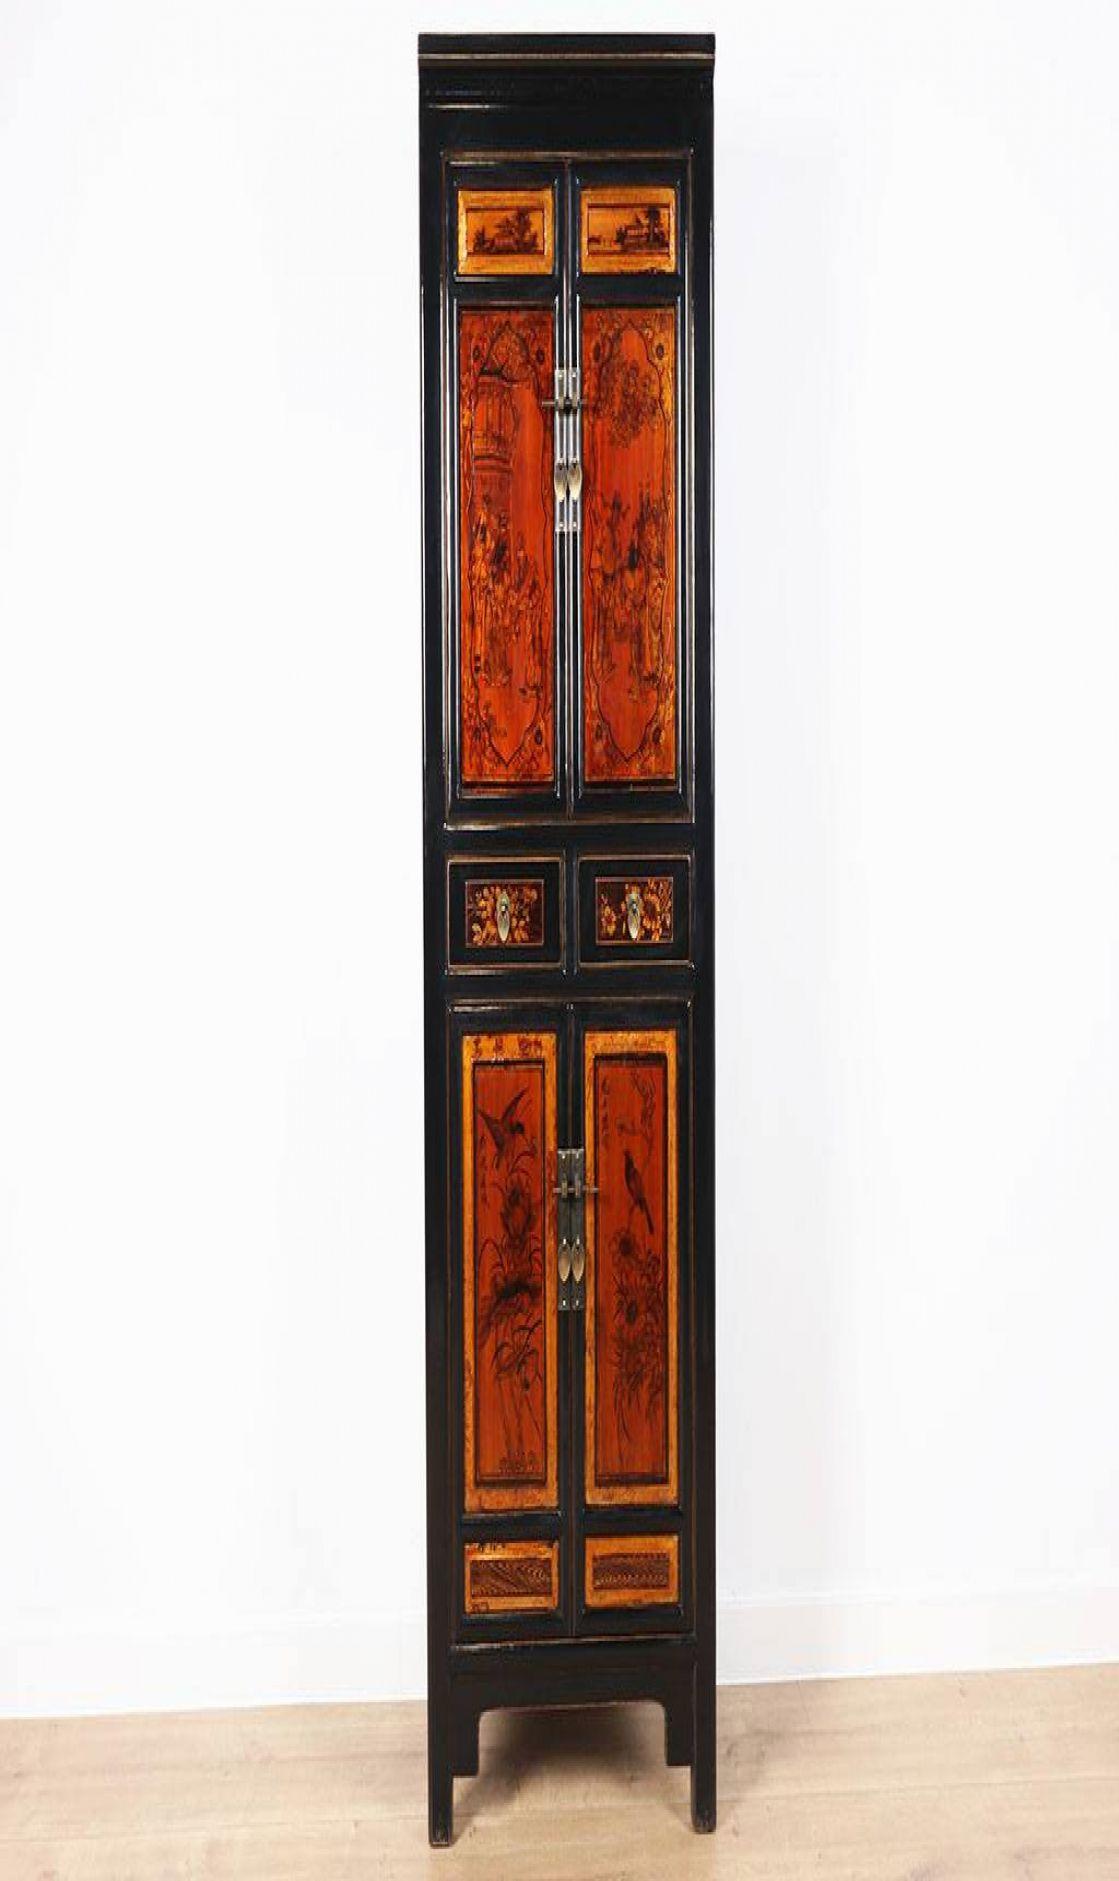 Orientalisch Chinesischer Schrank Bemalung Orientalisch Asiatisch In 2020 Orientalisch Shabby Chic Schrank Schrank Design